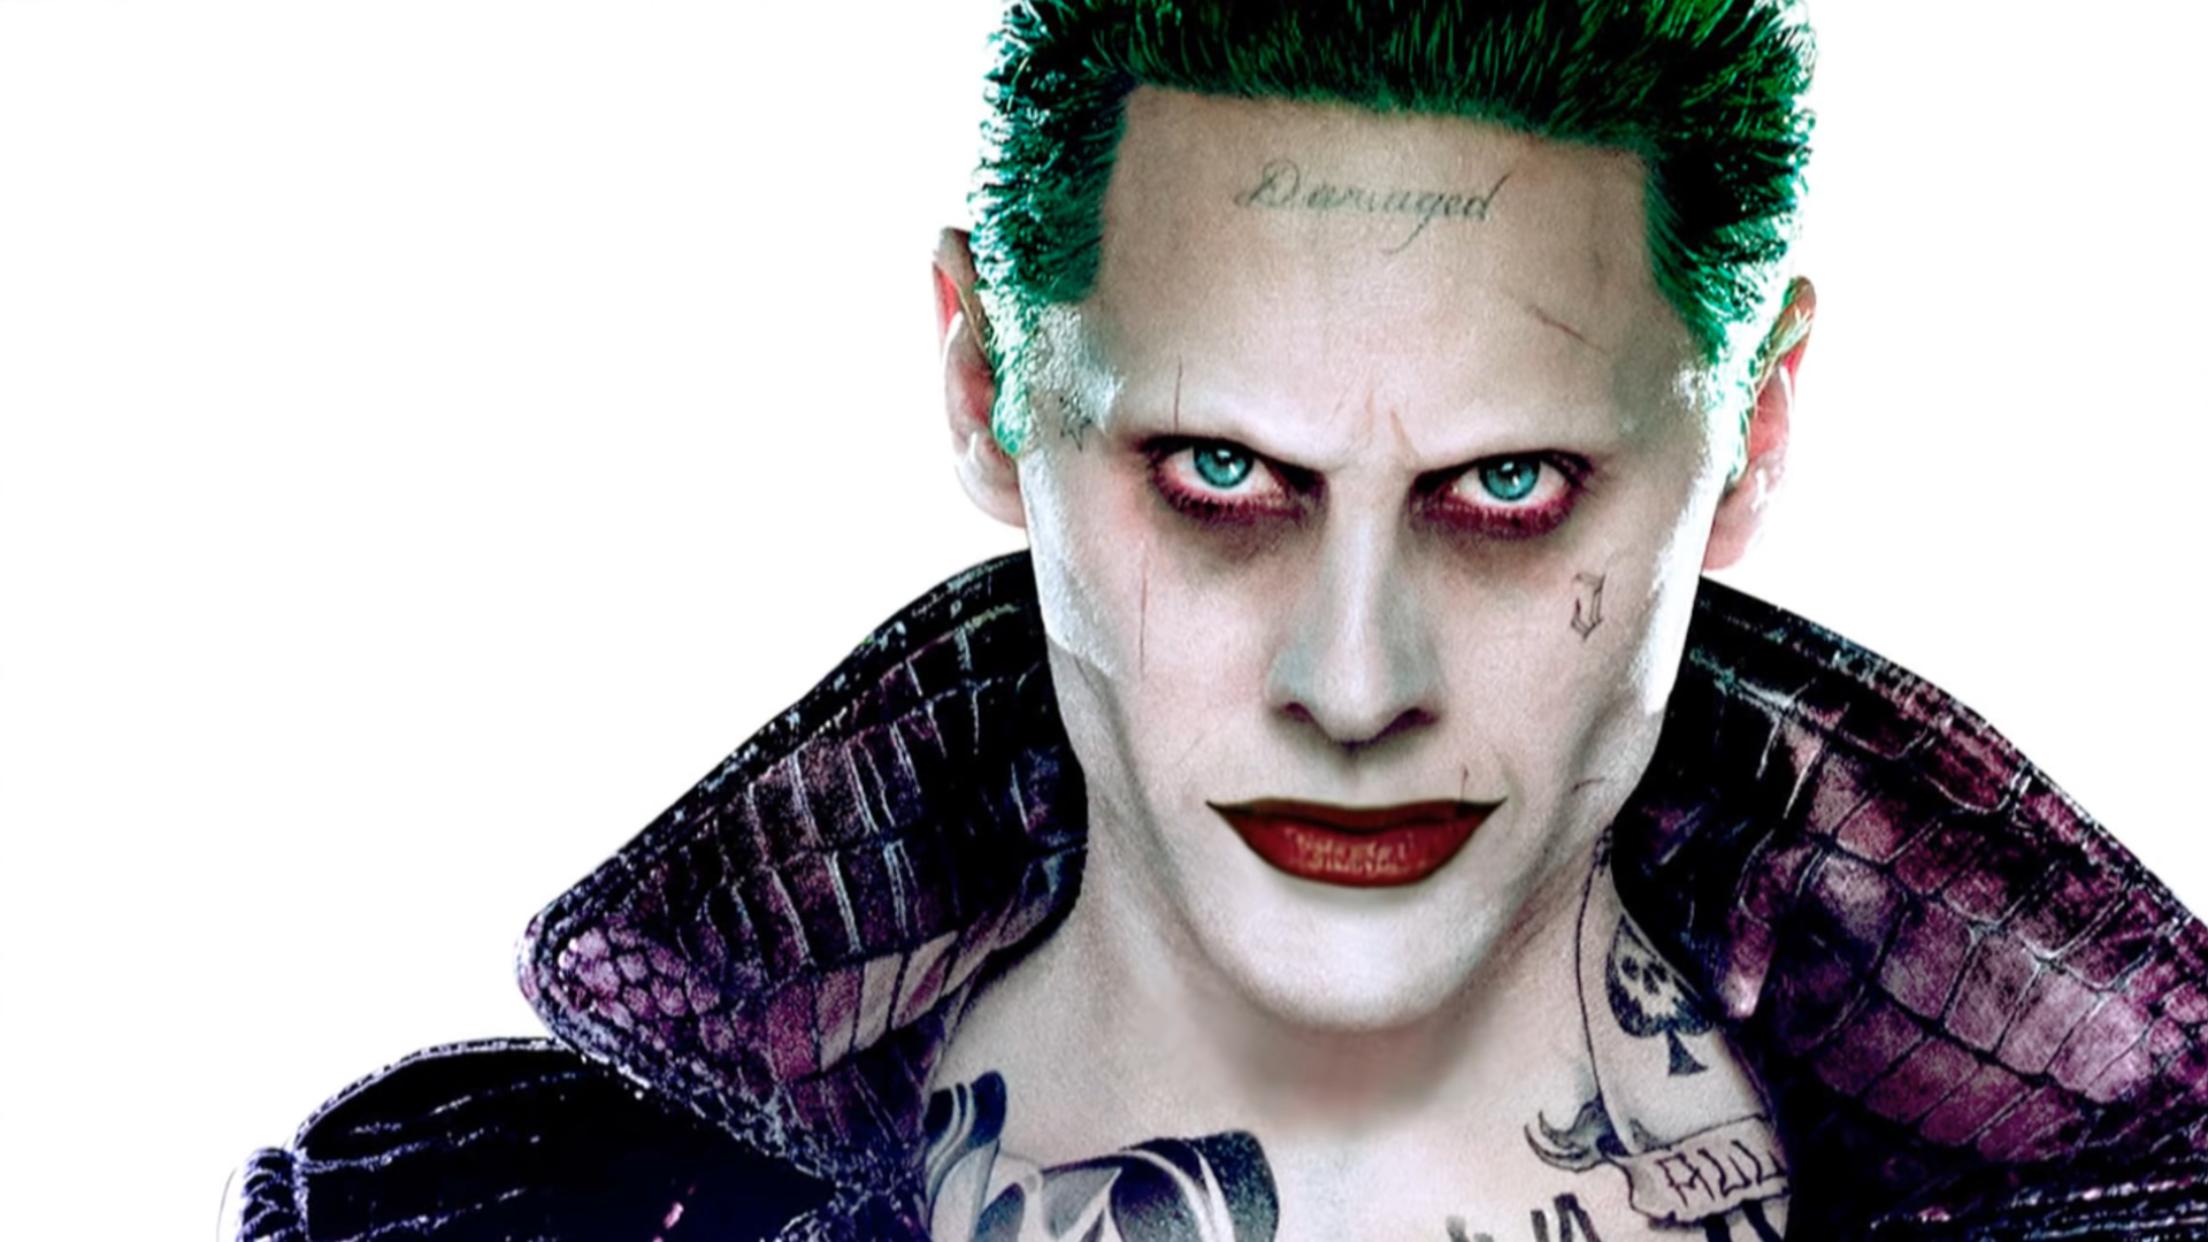 Joker Damaged Tattoo Png: Jared Leto Rumored To Get Solo Joker